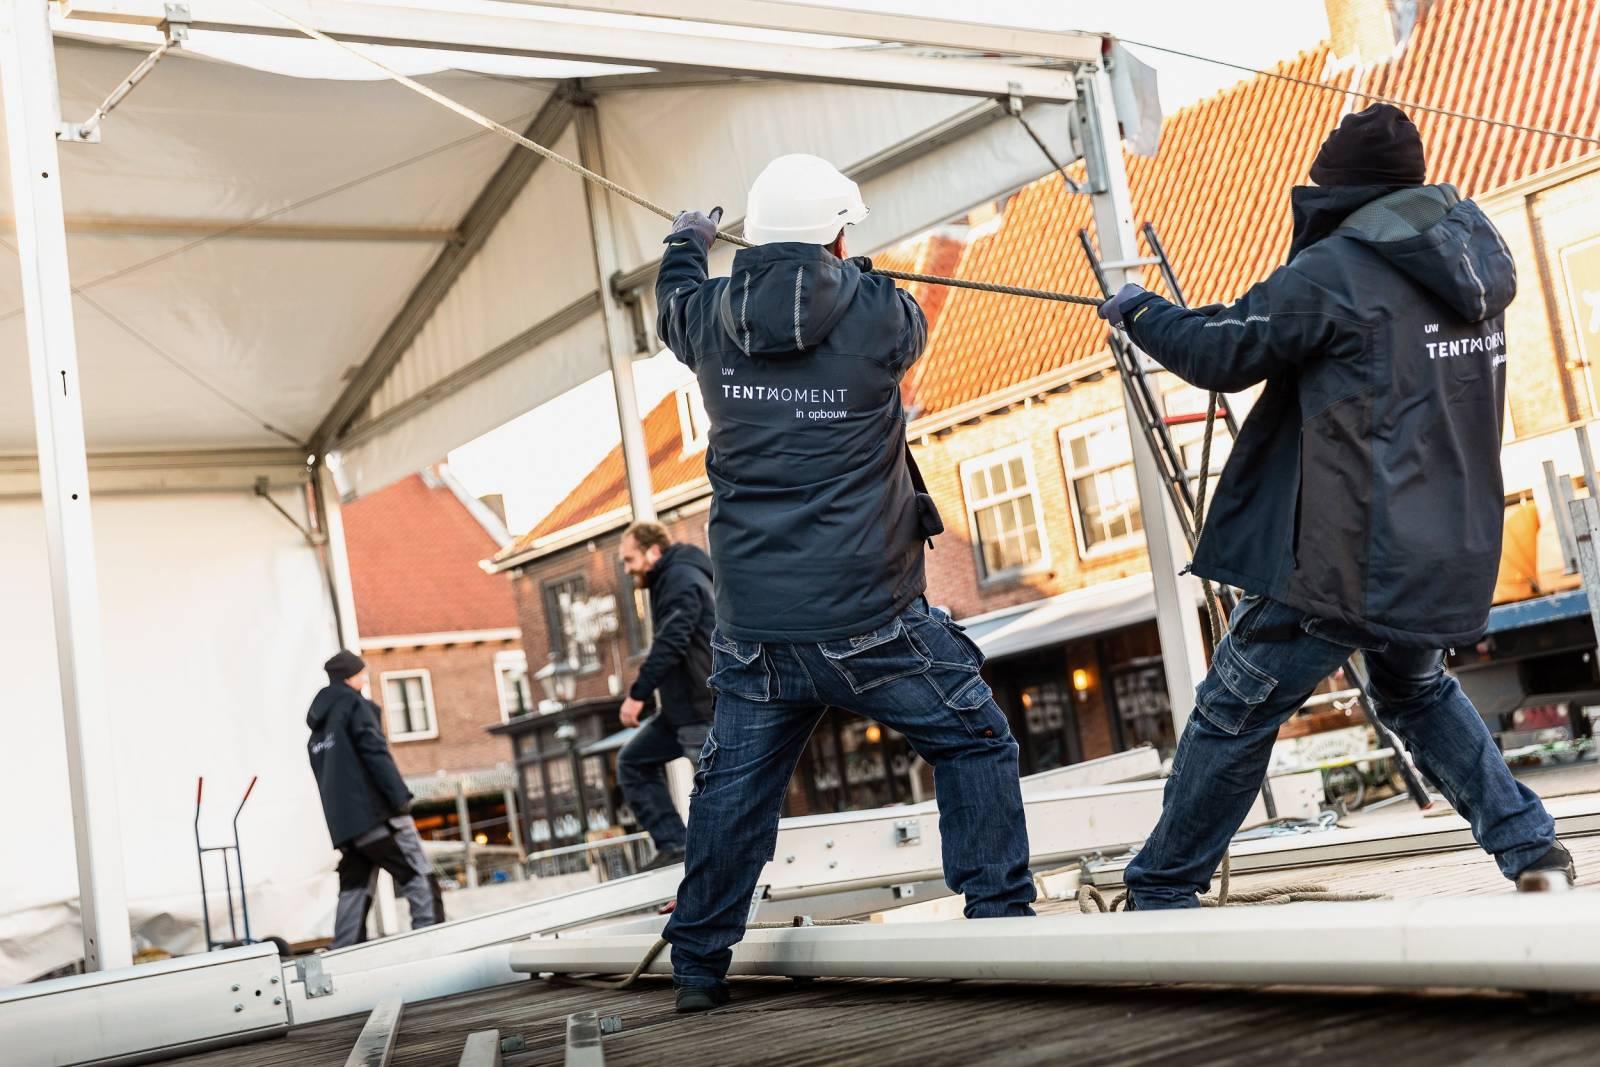 Tentmoment - Feesttent - Tent Event - Verhuur Tenten - Fotograaf Jurgen De Witte - House of Events - 37